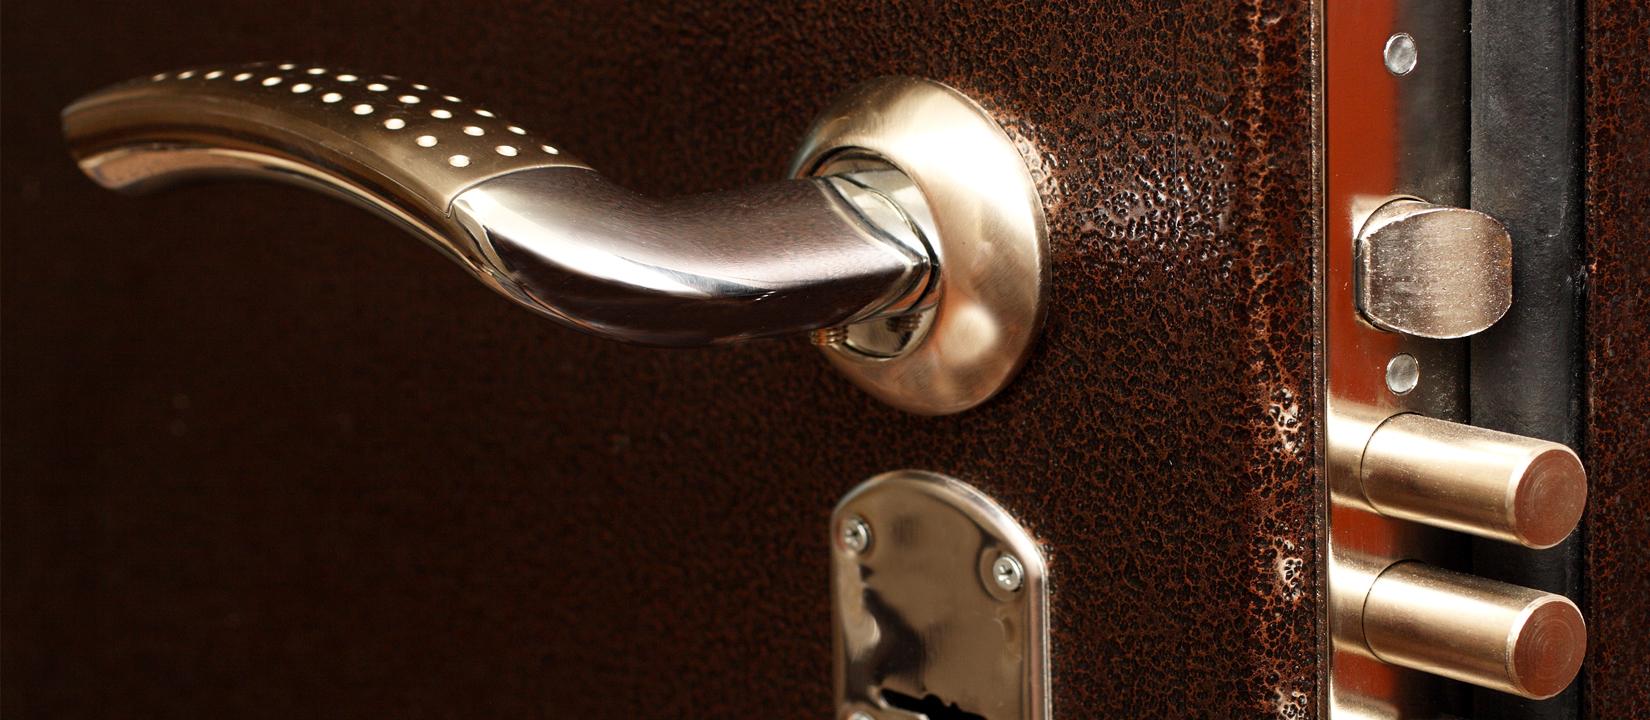 Входная дверь: выбор стильных ручек